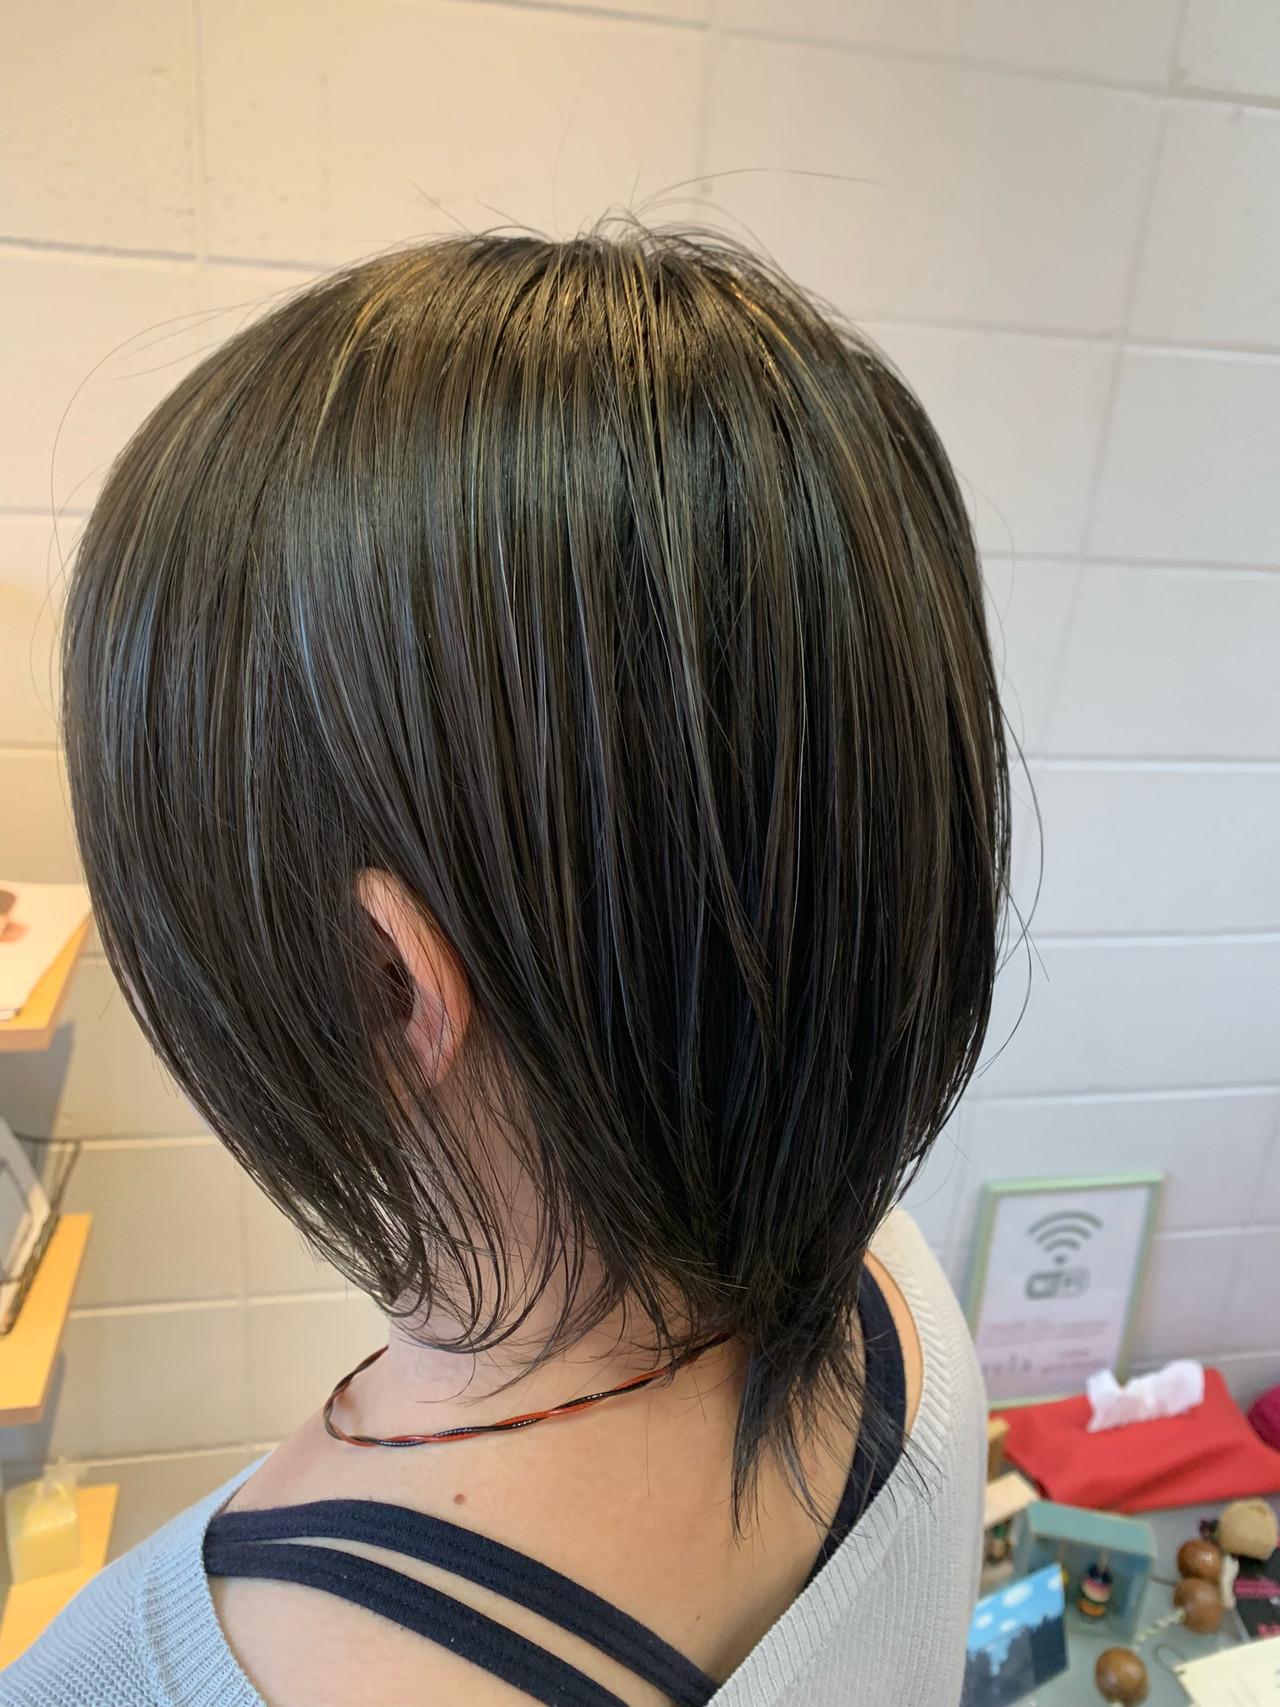 ハイライト 極細ハイライト 艶髪 ナチュラル ヘアスタイルや髪型の写真・画像